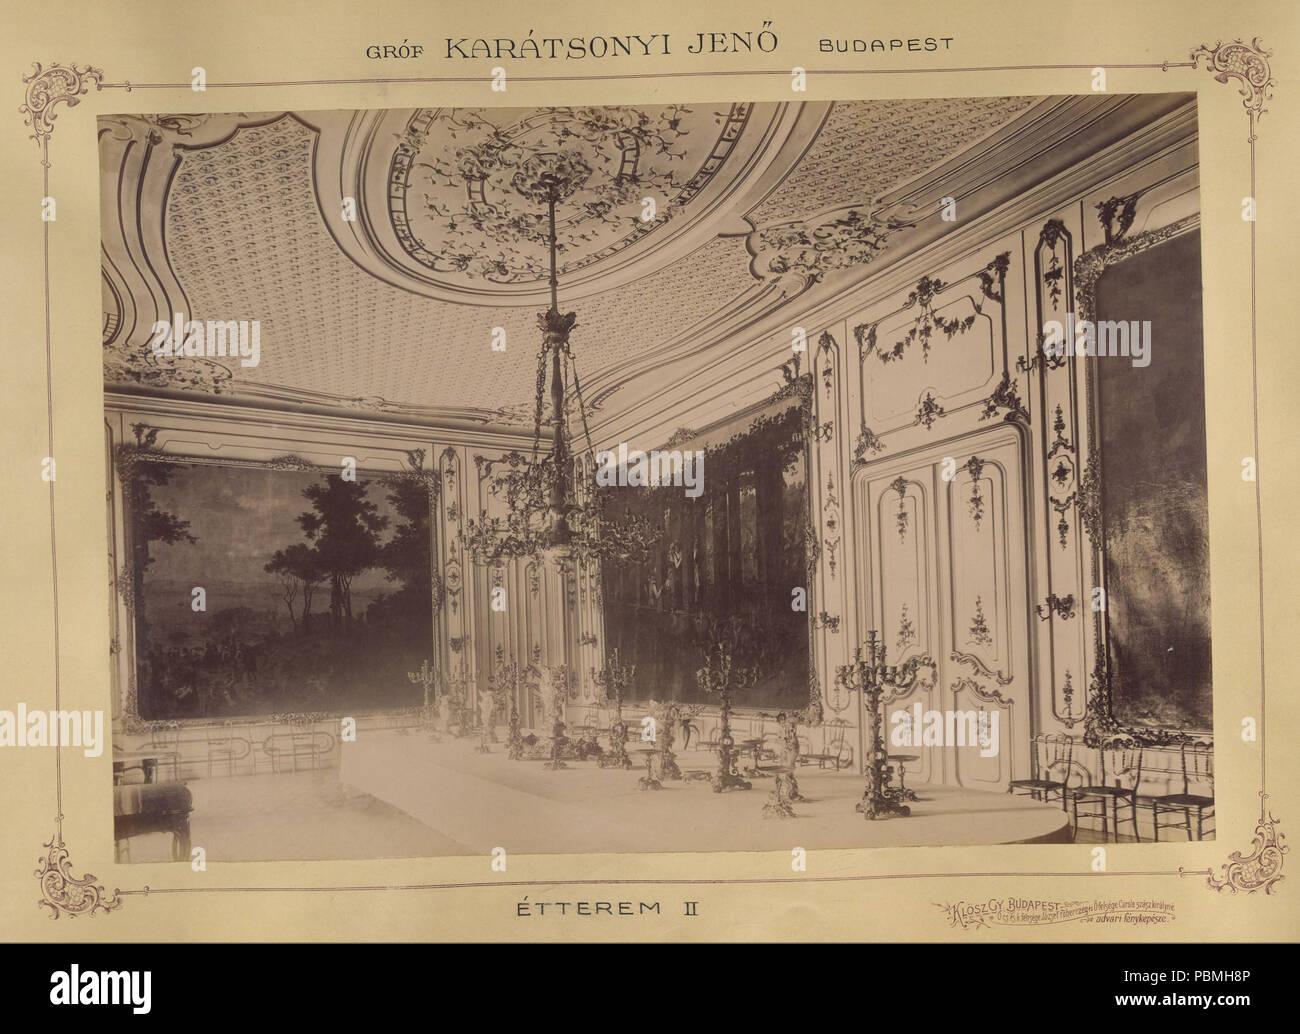 868 Krisztina körút 55., a Karátsonyi-palota (lebontották) ebédlője. A felvétel 1895-1899 között készült. A kép Fortepan - Budapest Főváros Levéltára. Levéltári jelzet- HU.BFL.XV.19.d.1.11.080 Fortepan 83172 - Stock Image